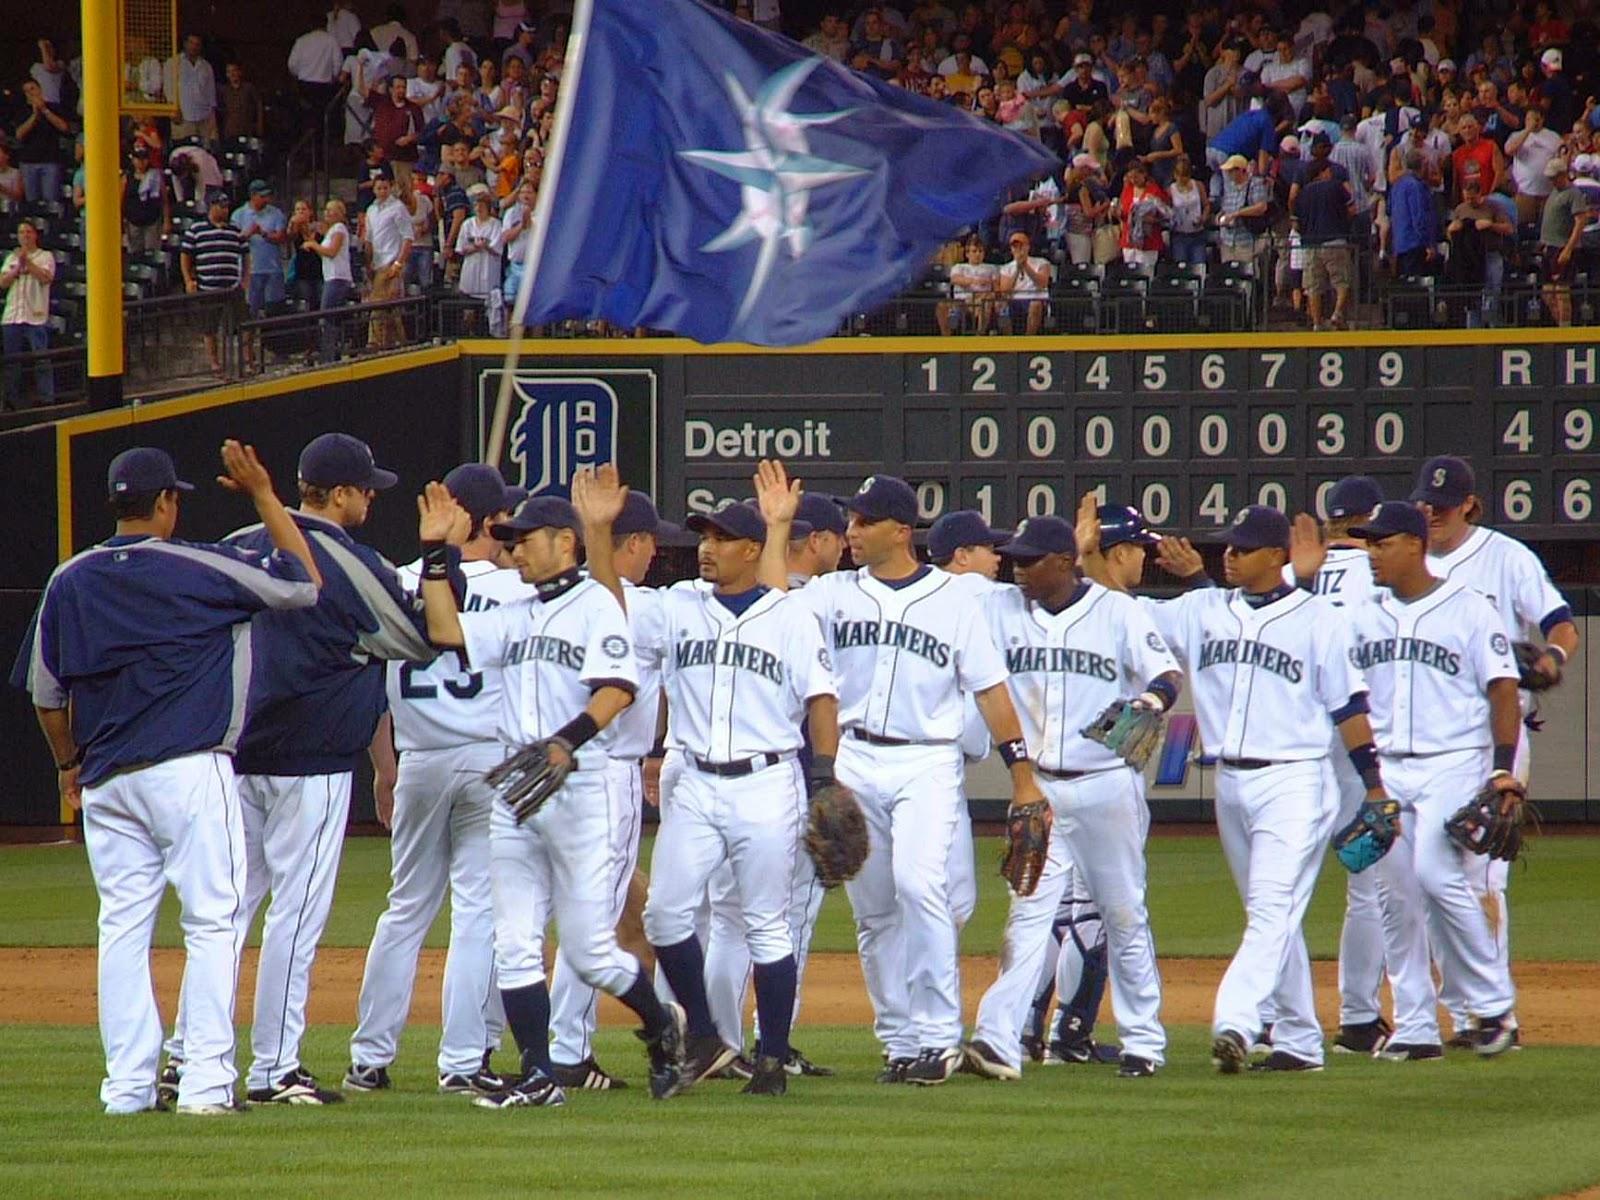 Seattle Mariners Baseball team